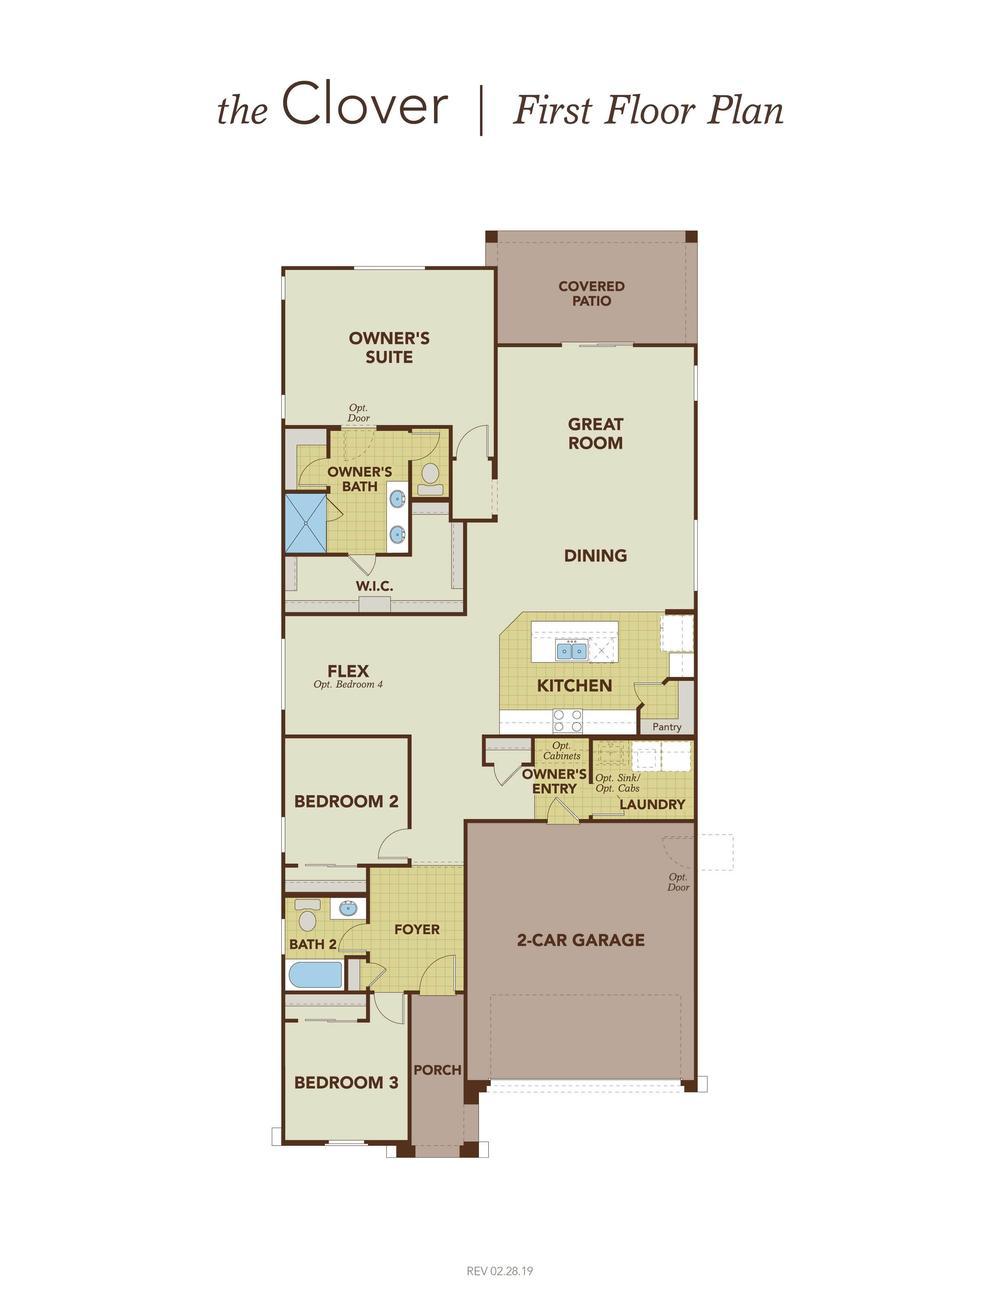 Clover First Floor Plan